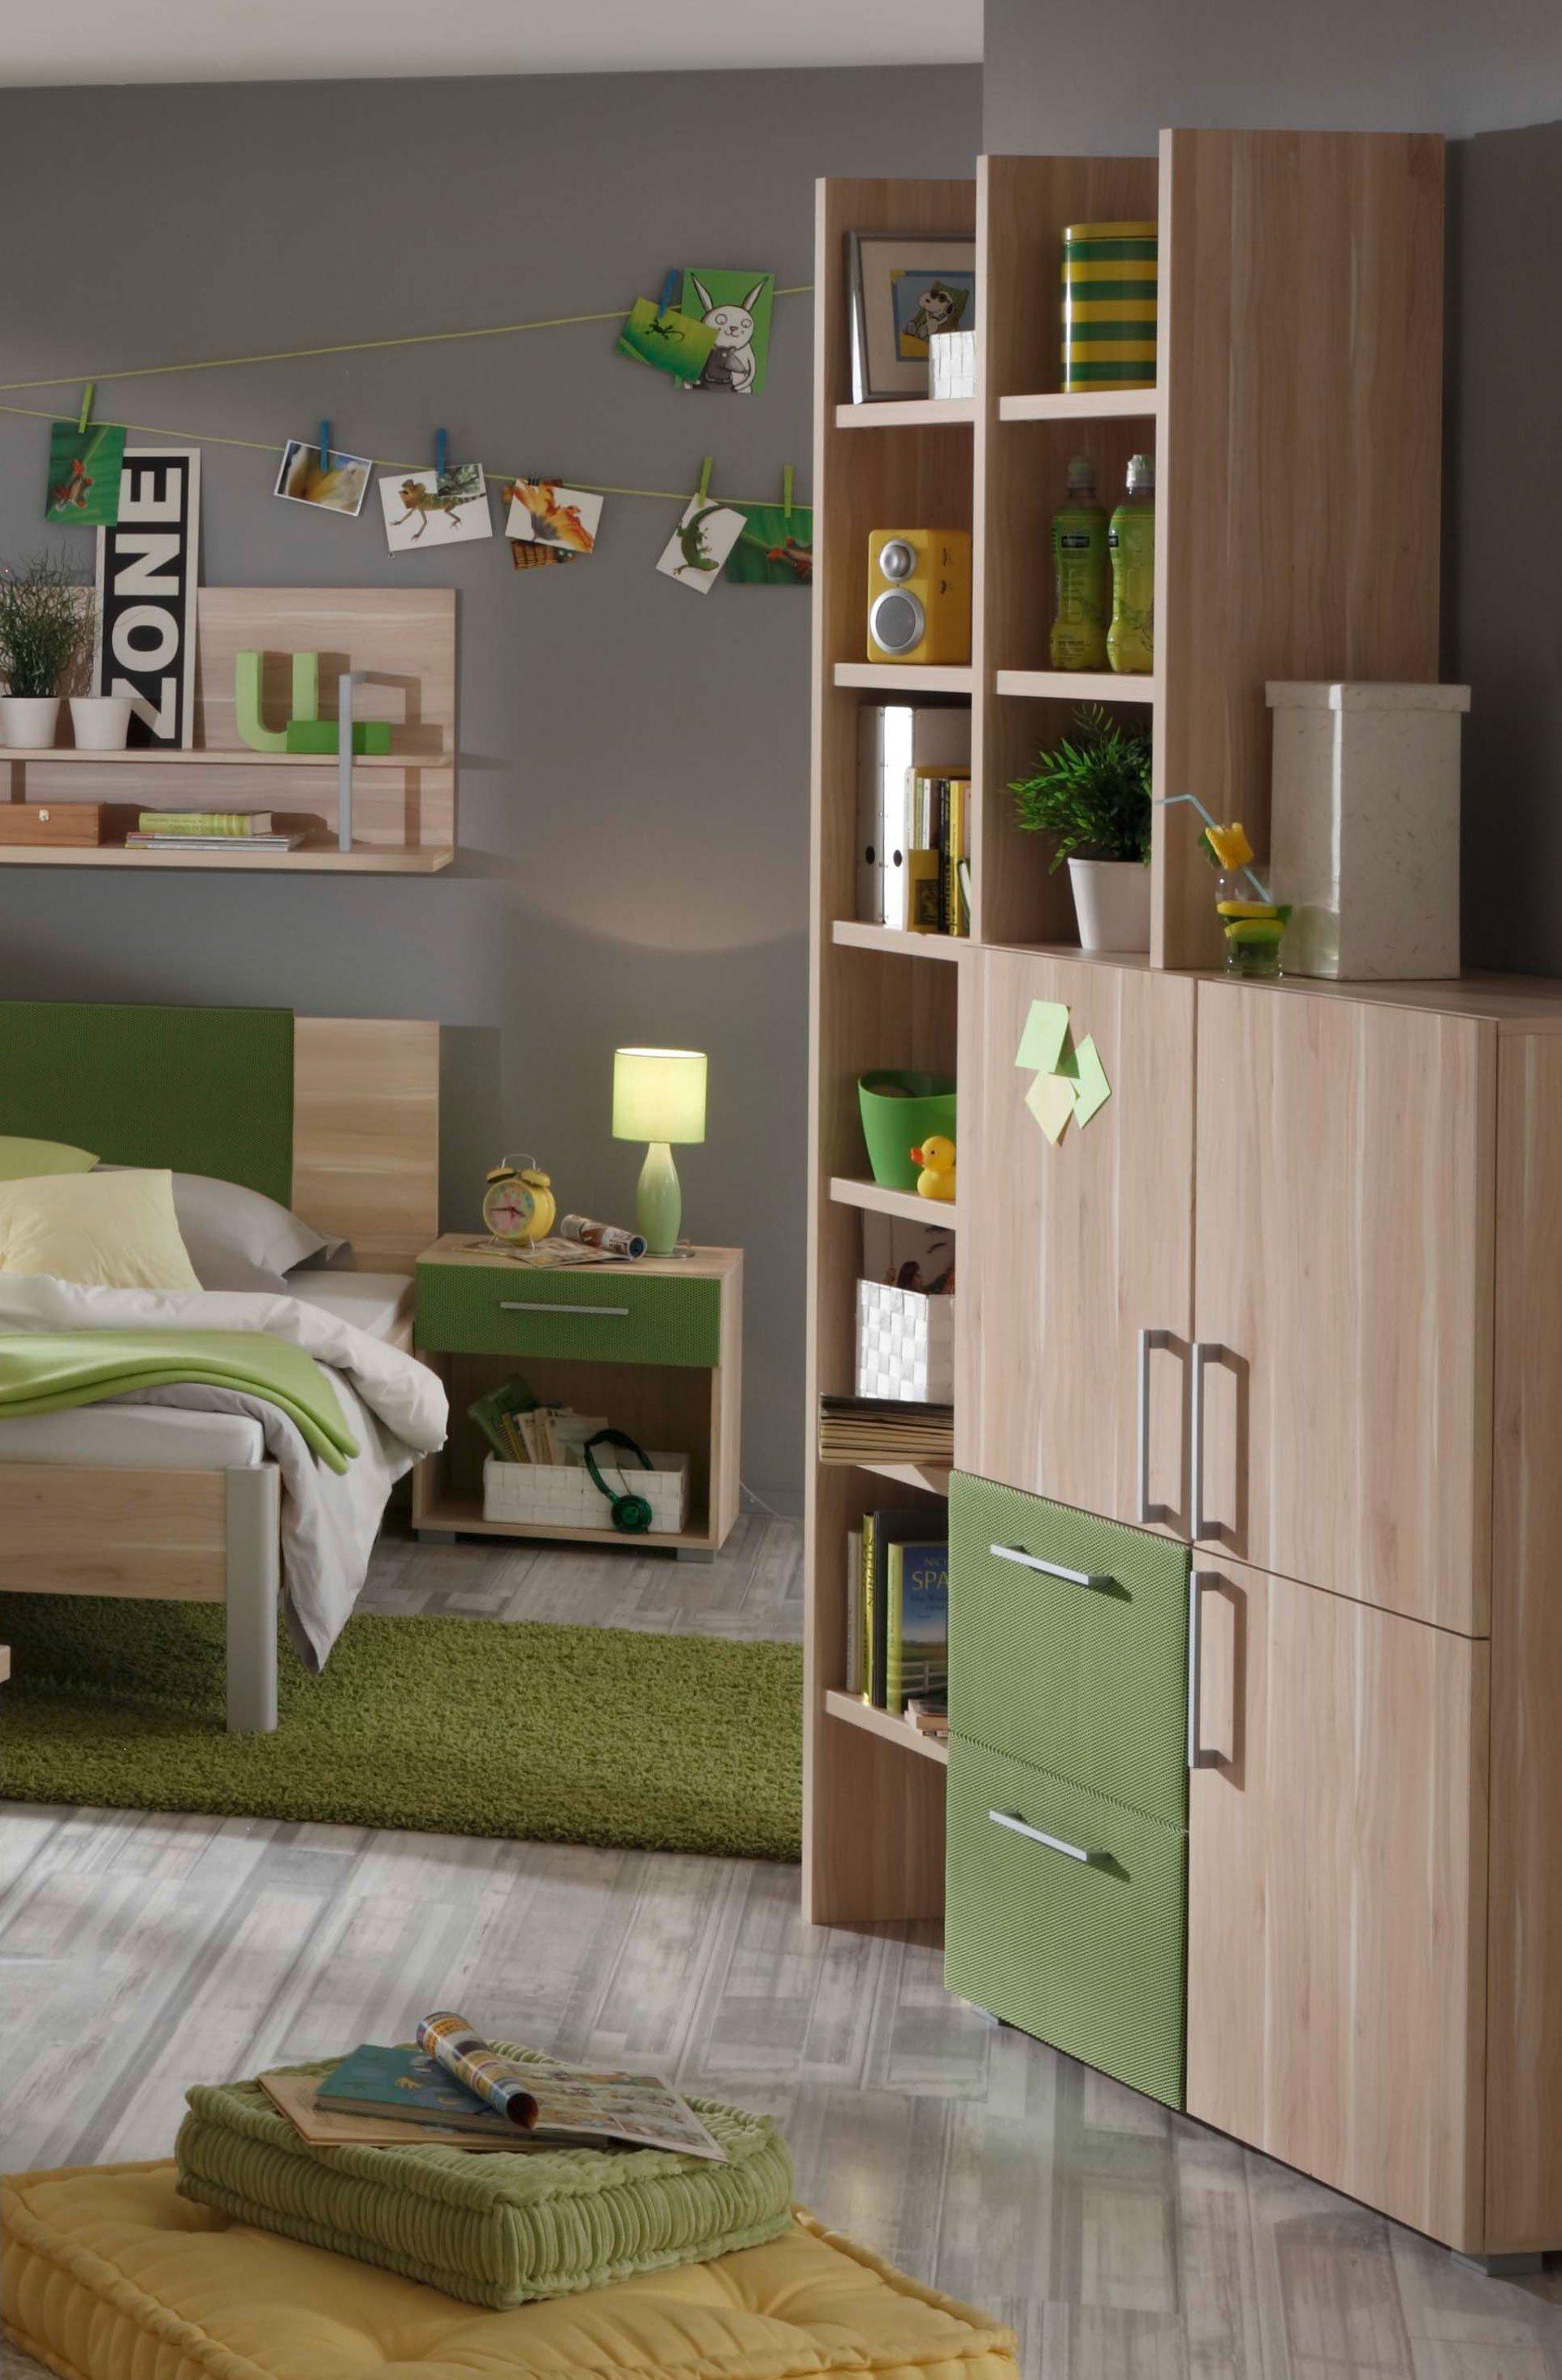 prenneis jugendzimmer enduro plus apfelbaum gr n m bel. Black Bedroom Furniture Sets. Home Design Ideas